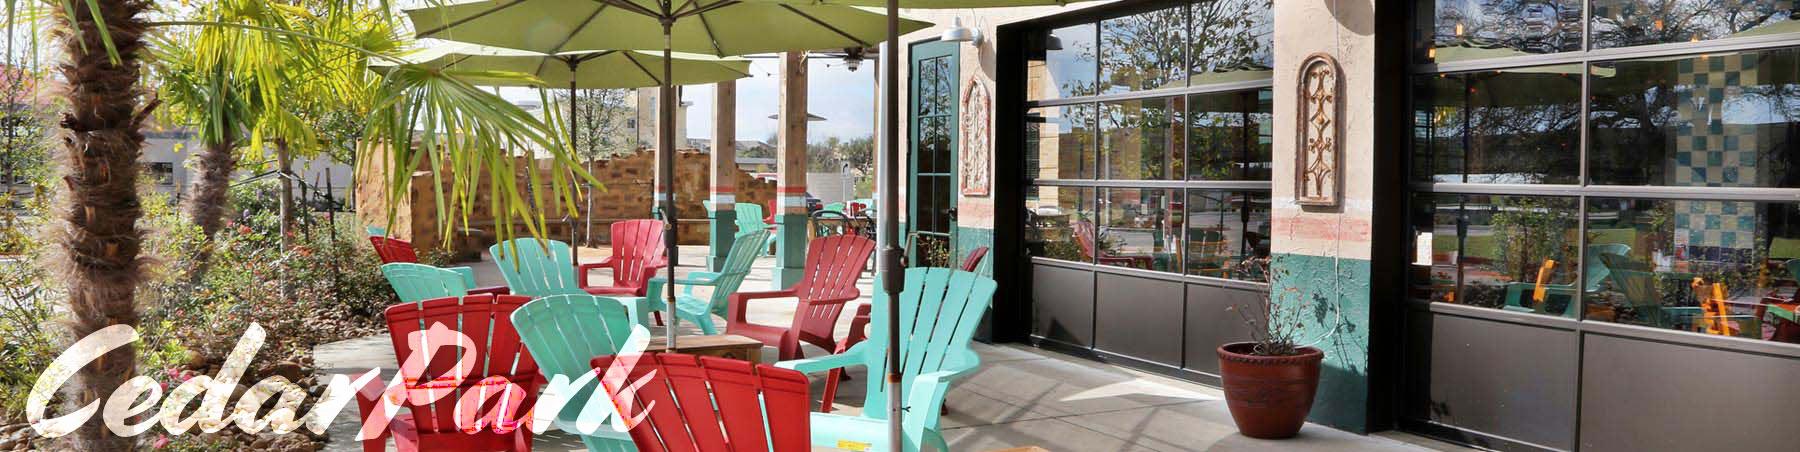 Lupe Tortilla Mexican Restaurants Cedar Park